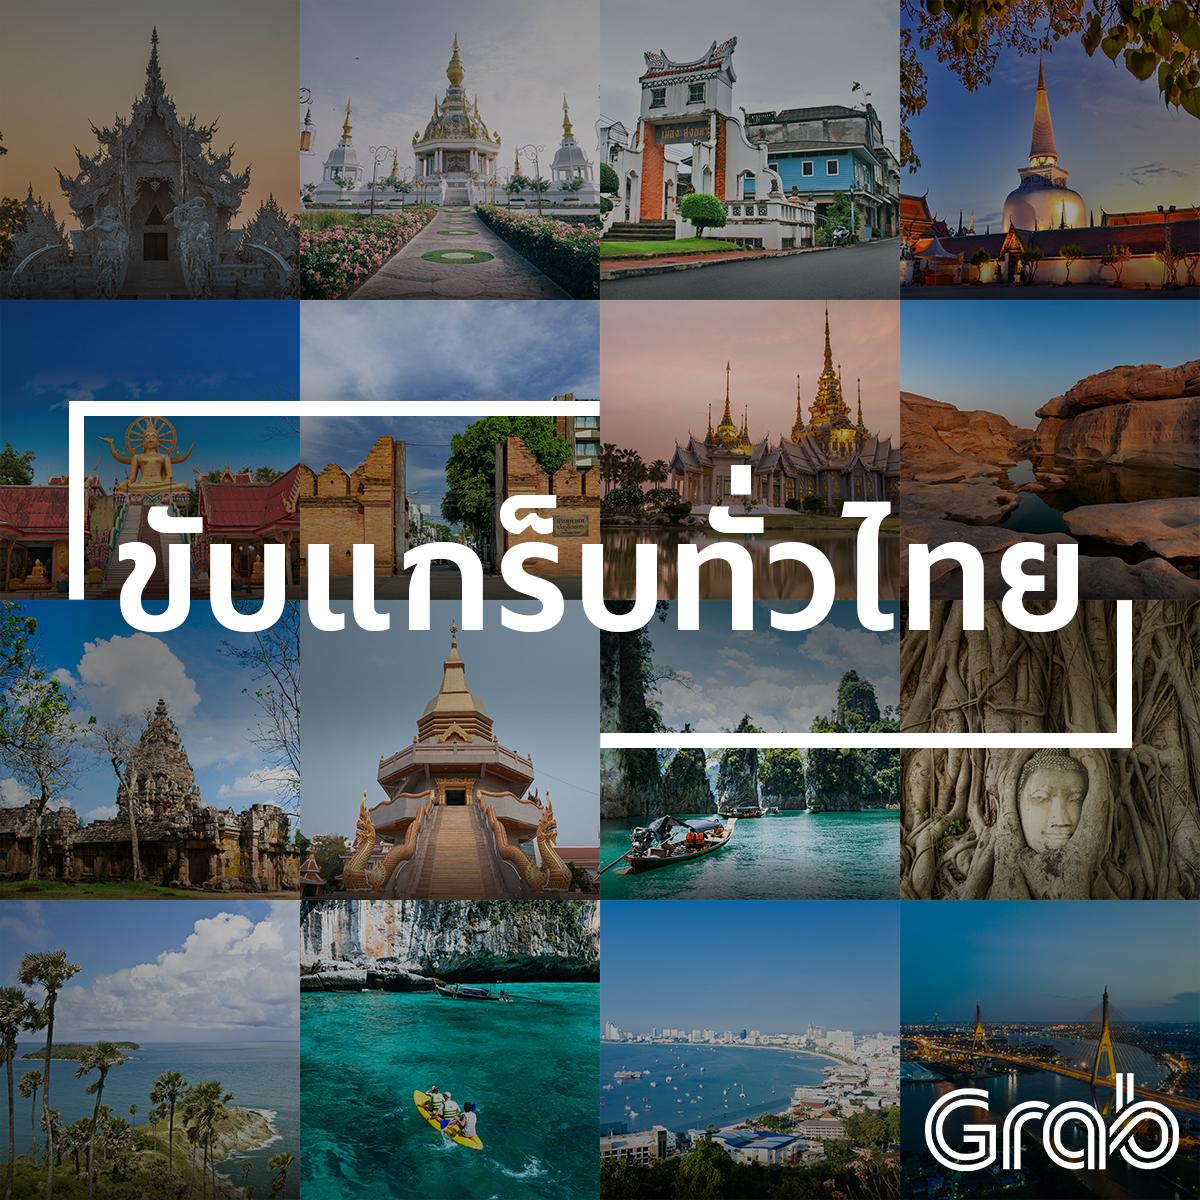 ขับแกร็บทั่วไทย2.jpg